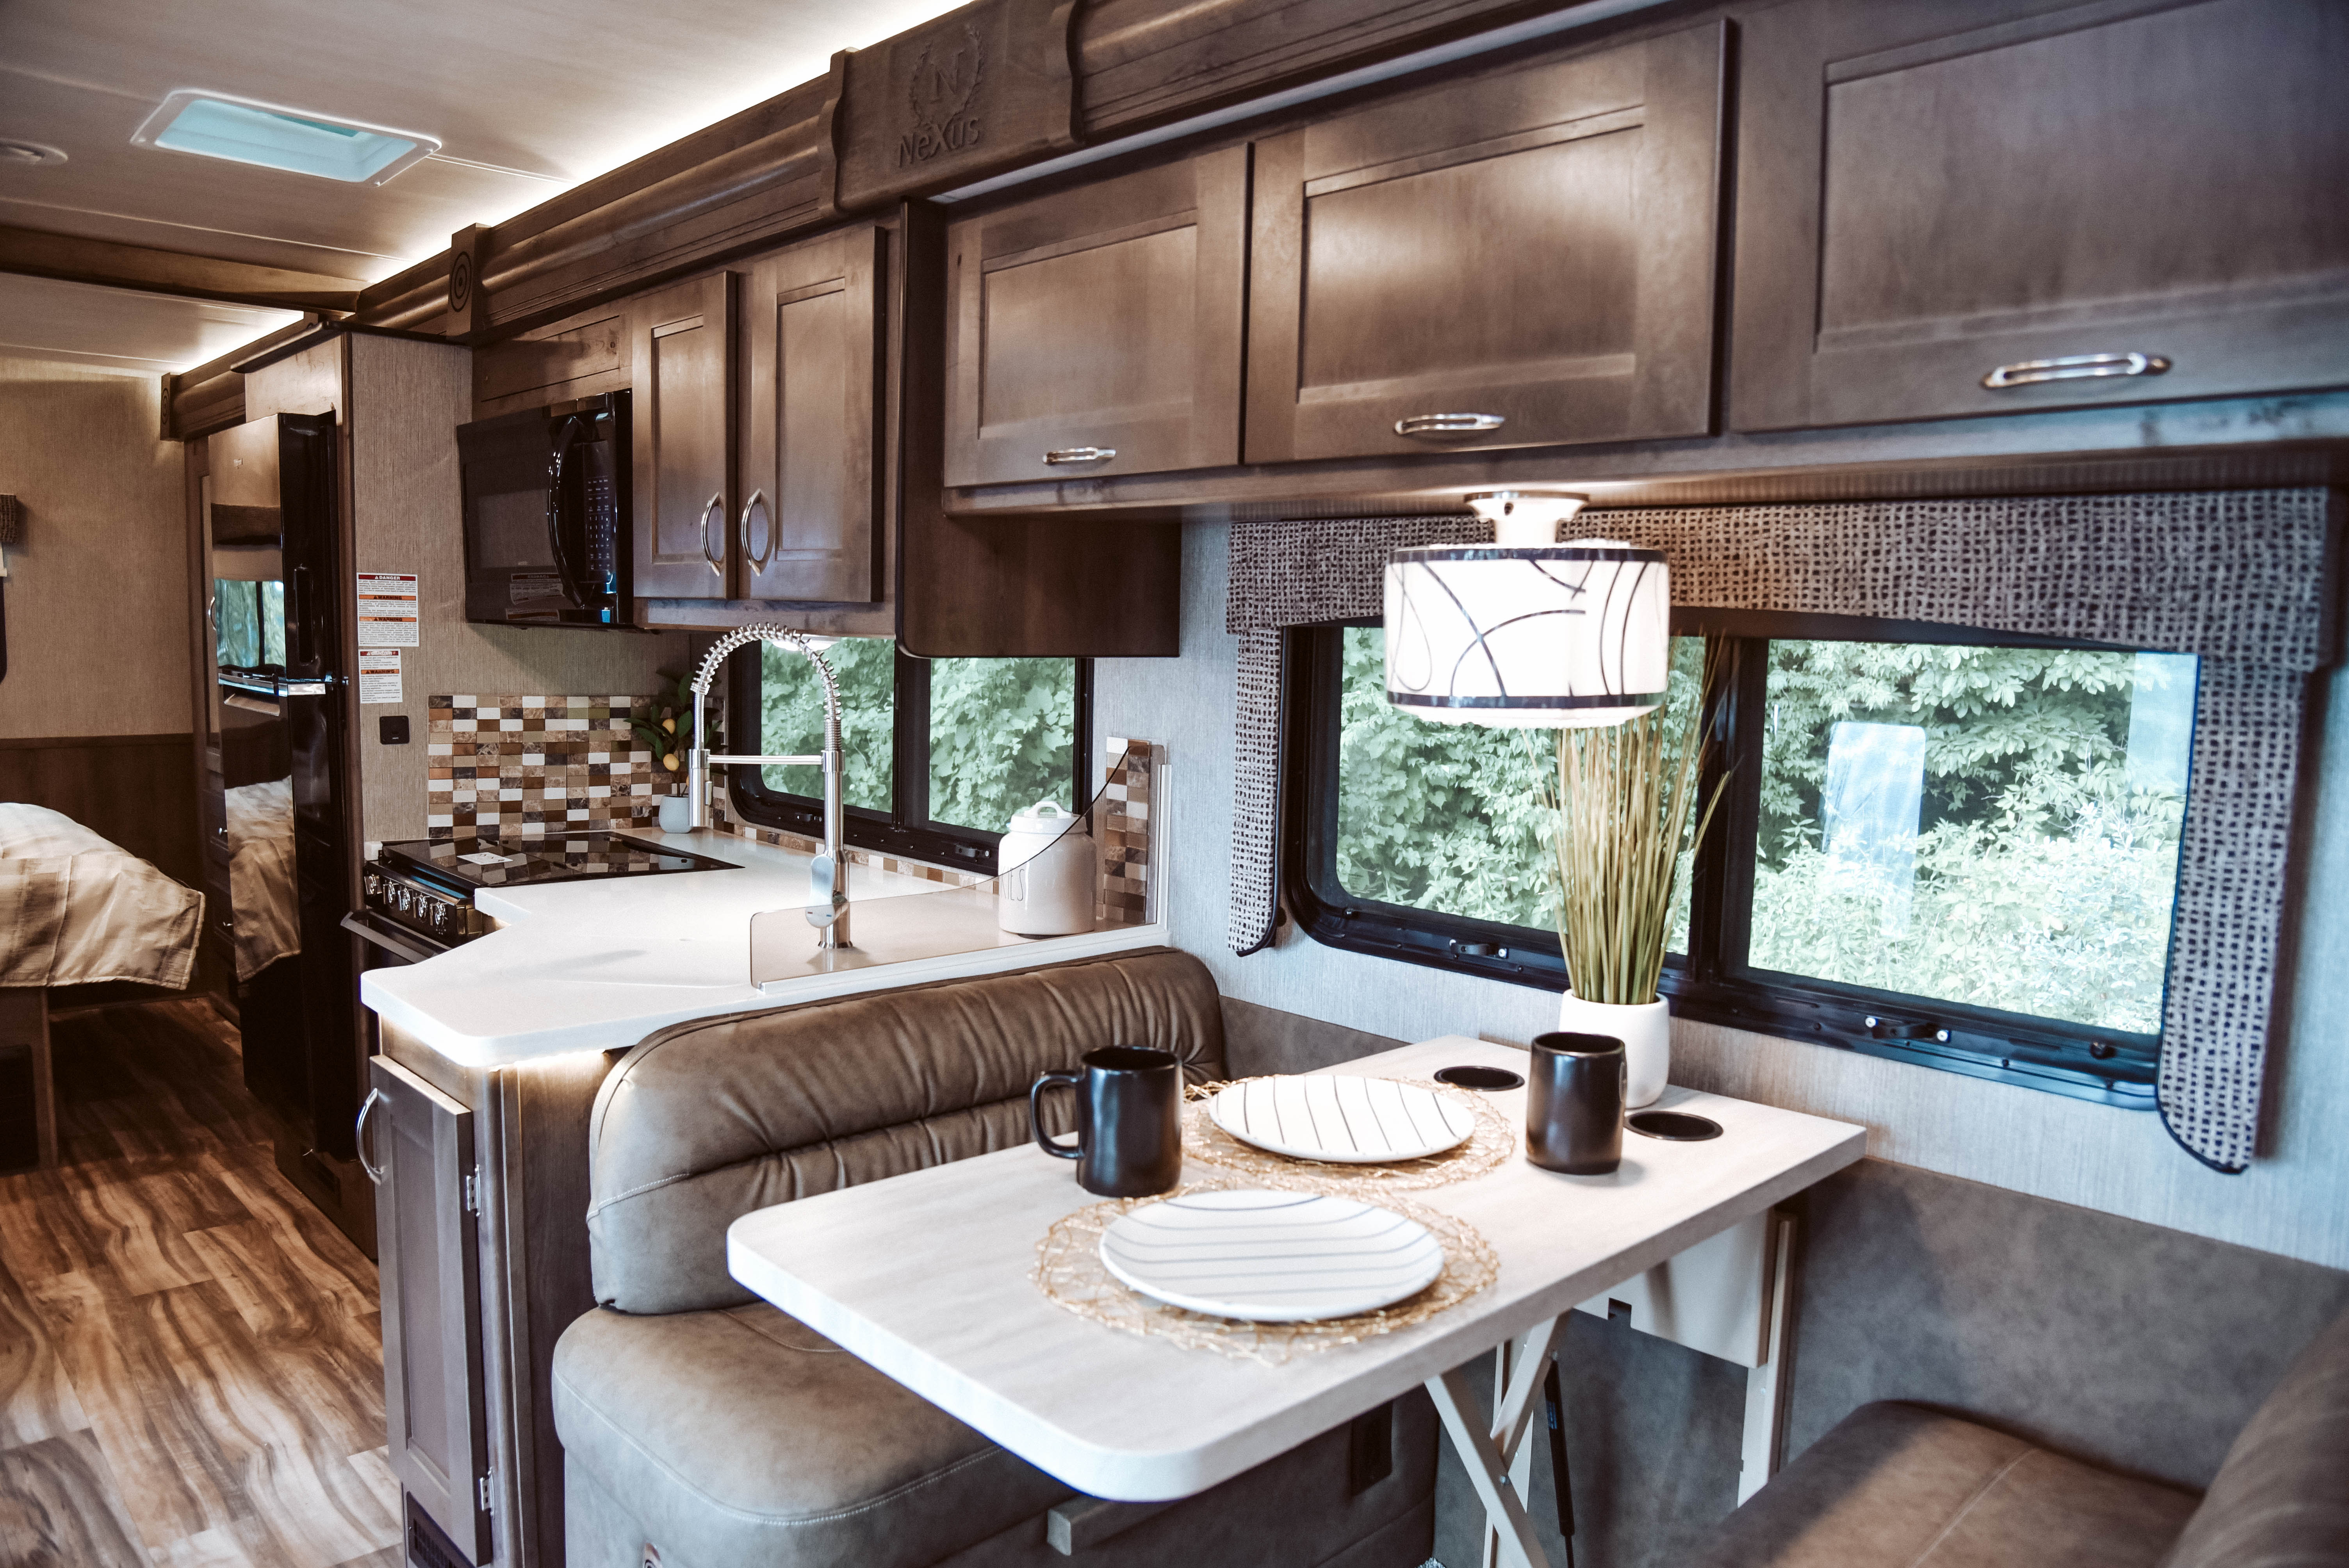 Interior of RV kitchen dinette